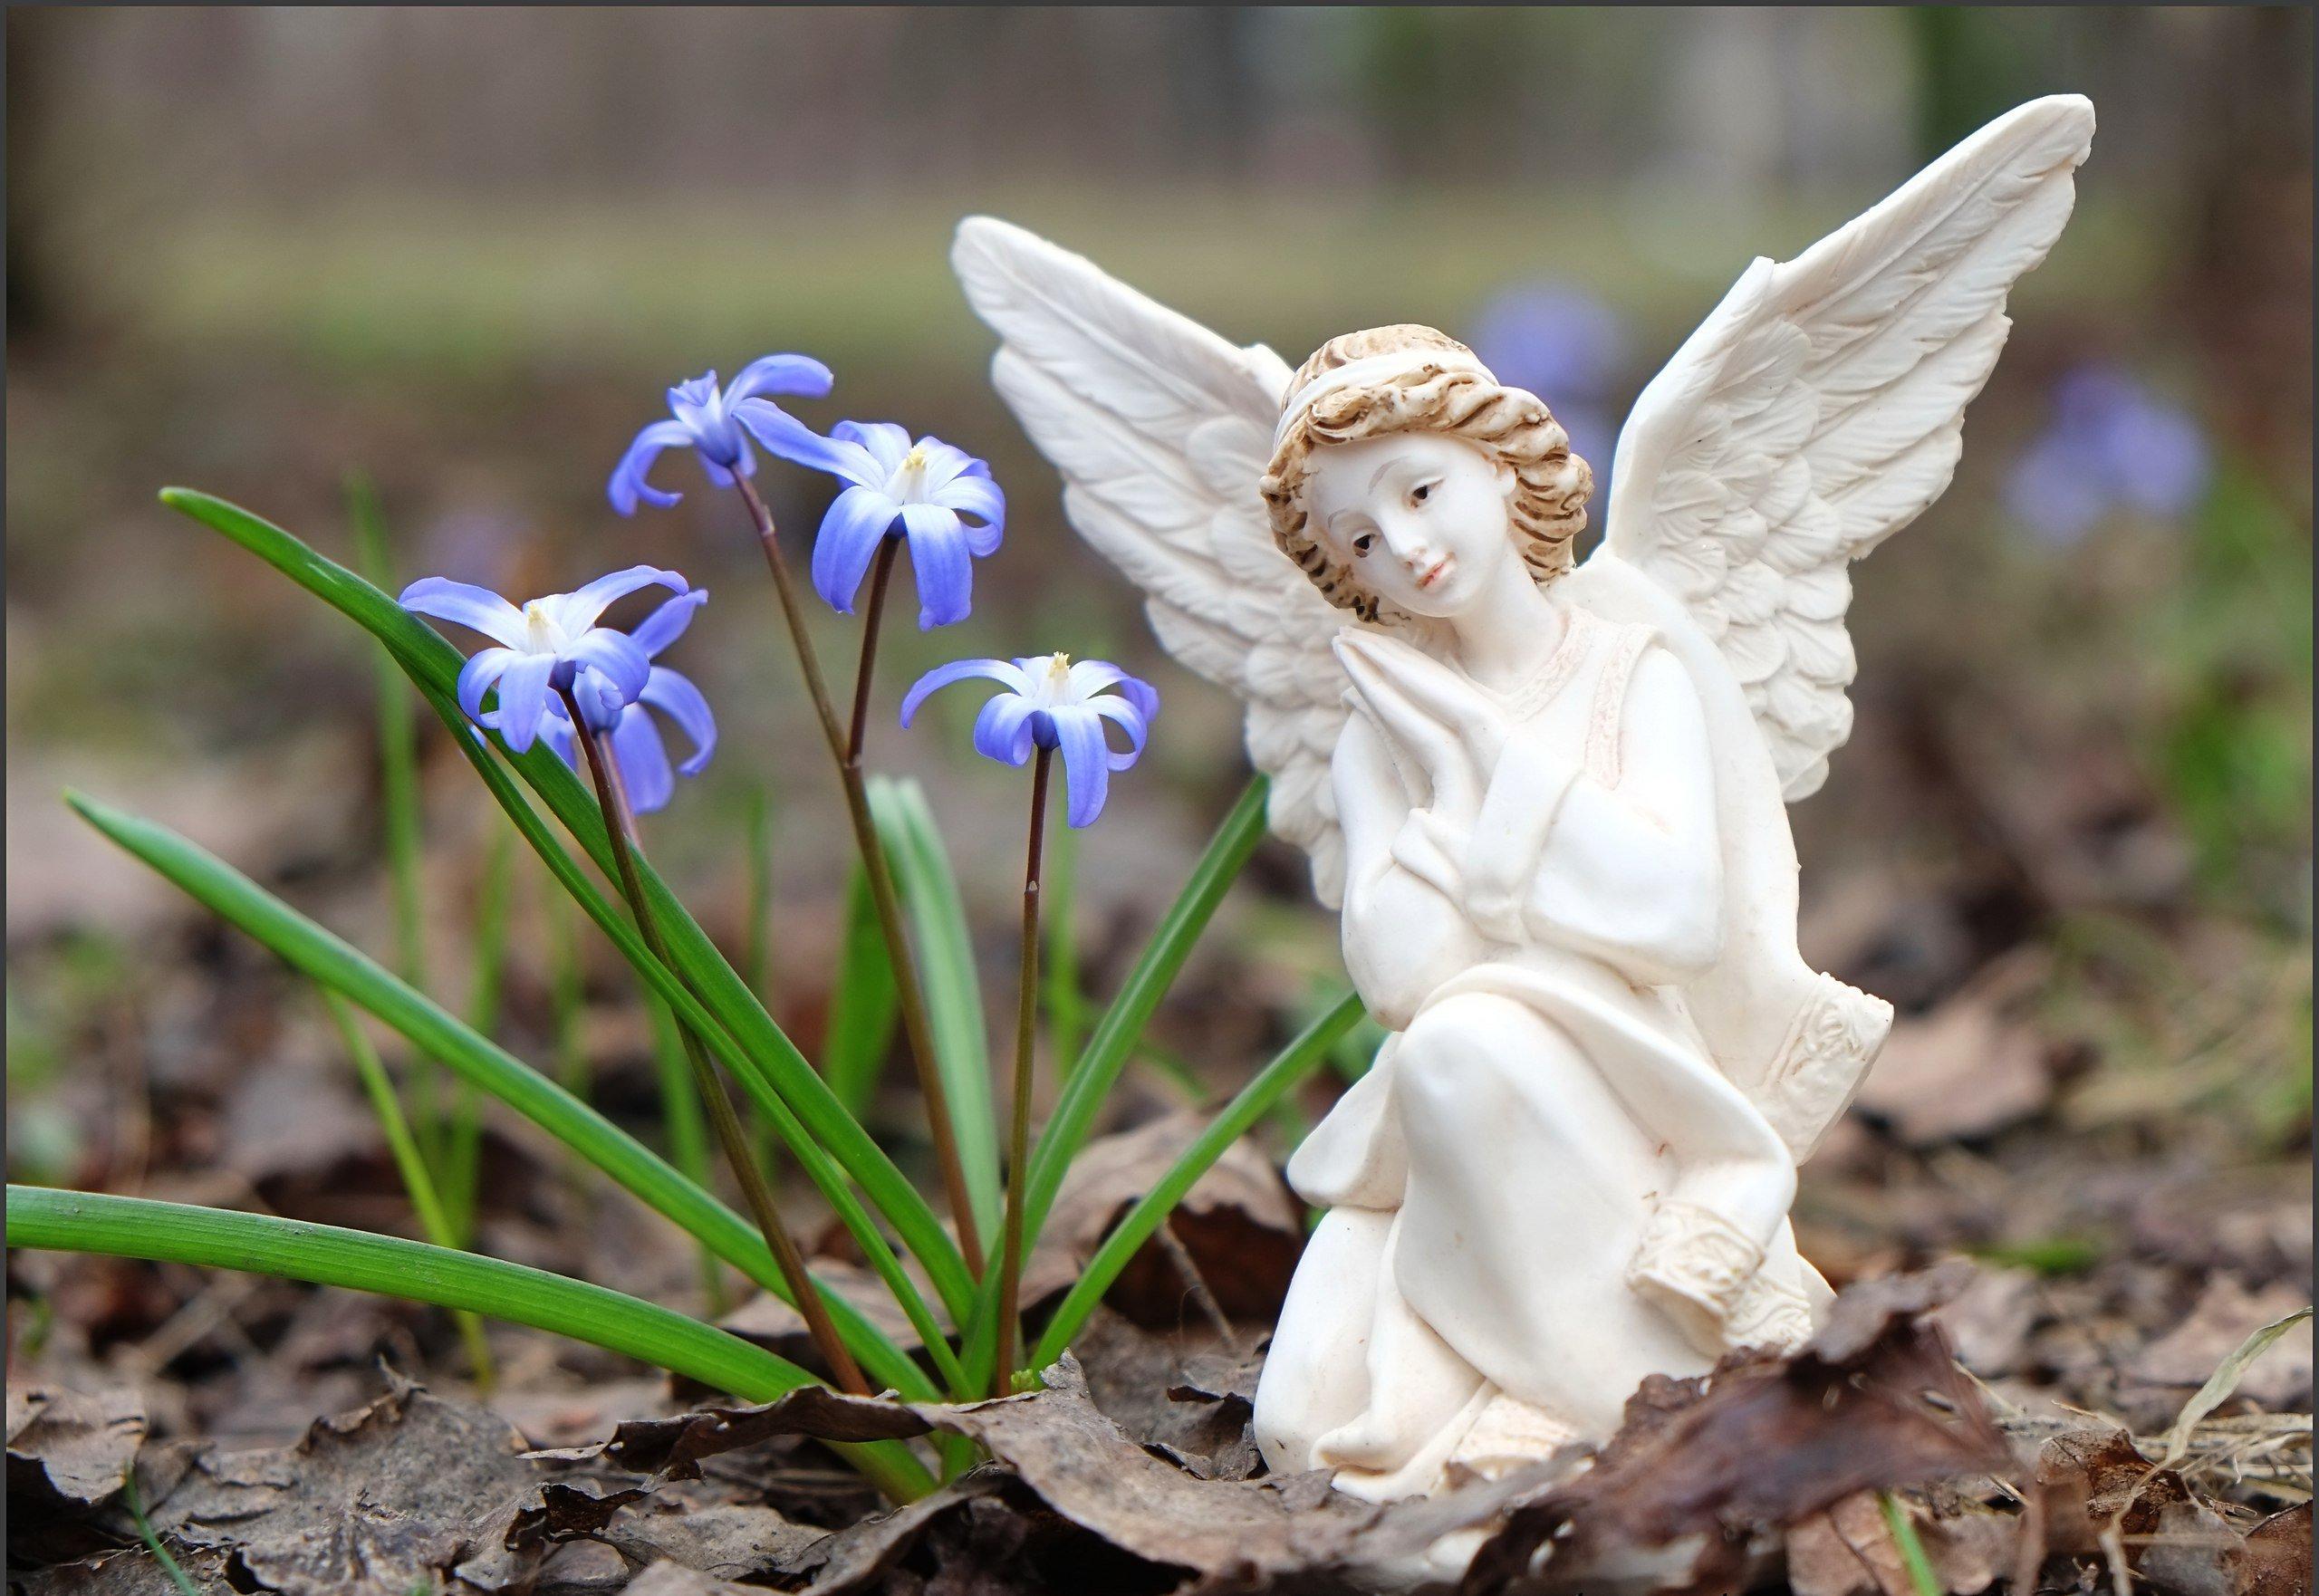 фото красивого ангела счастья любишь